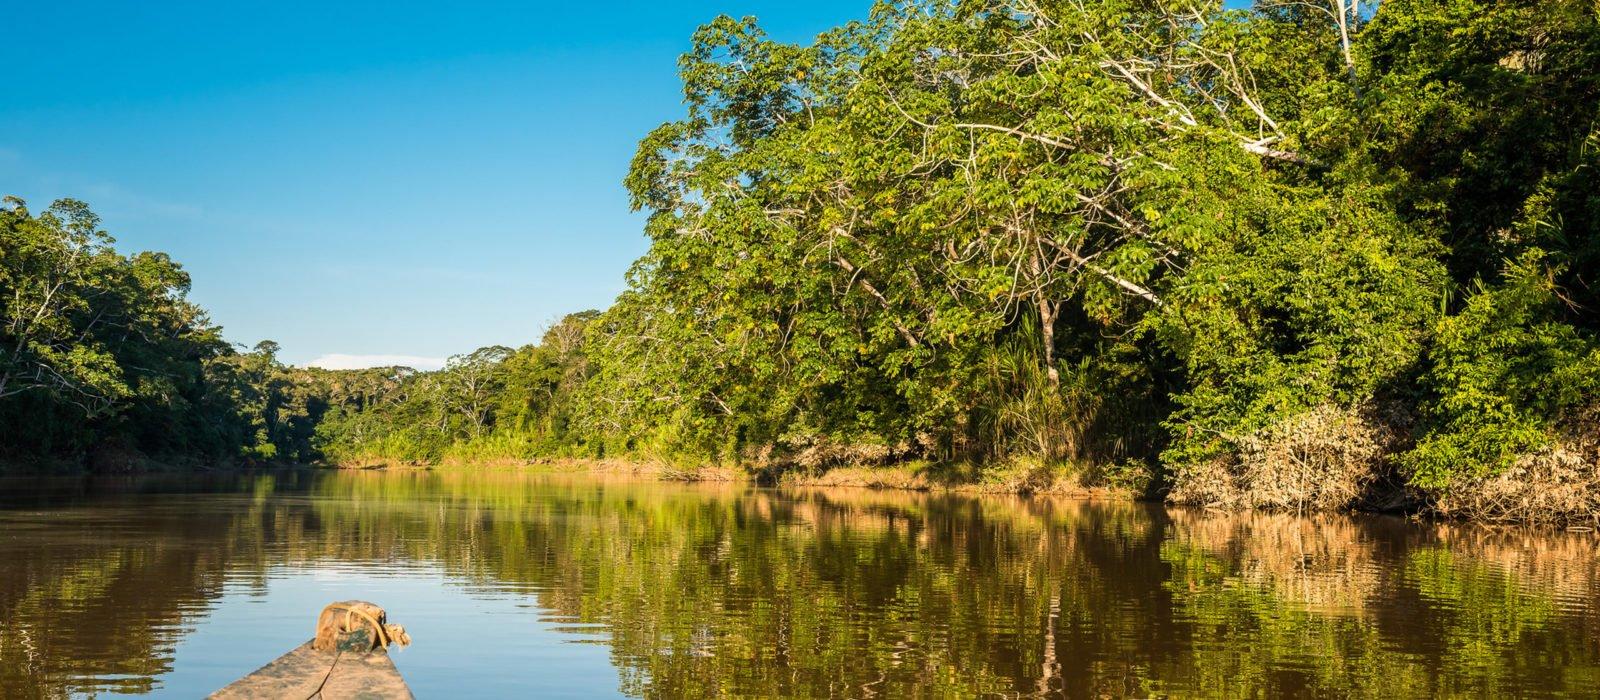 boat in Amazon jungle river at Madre de Dios peru